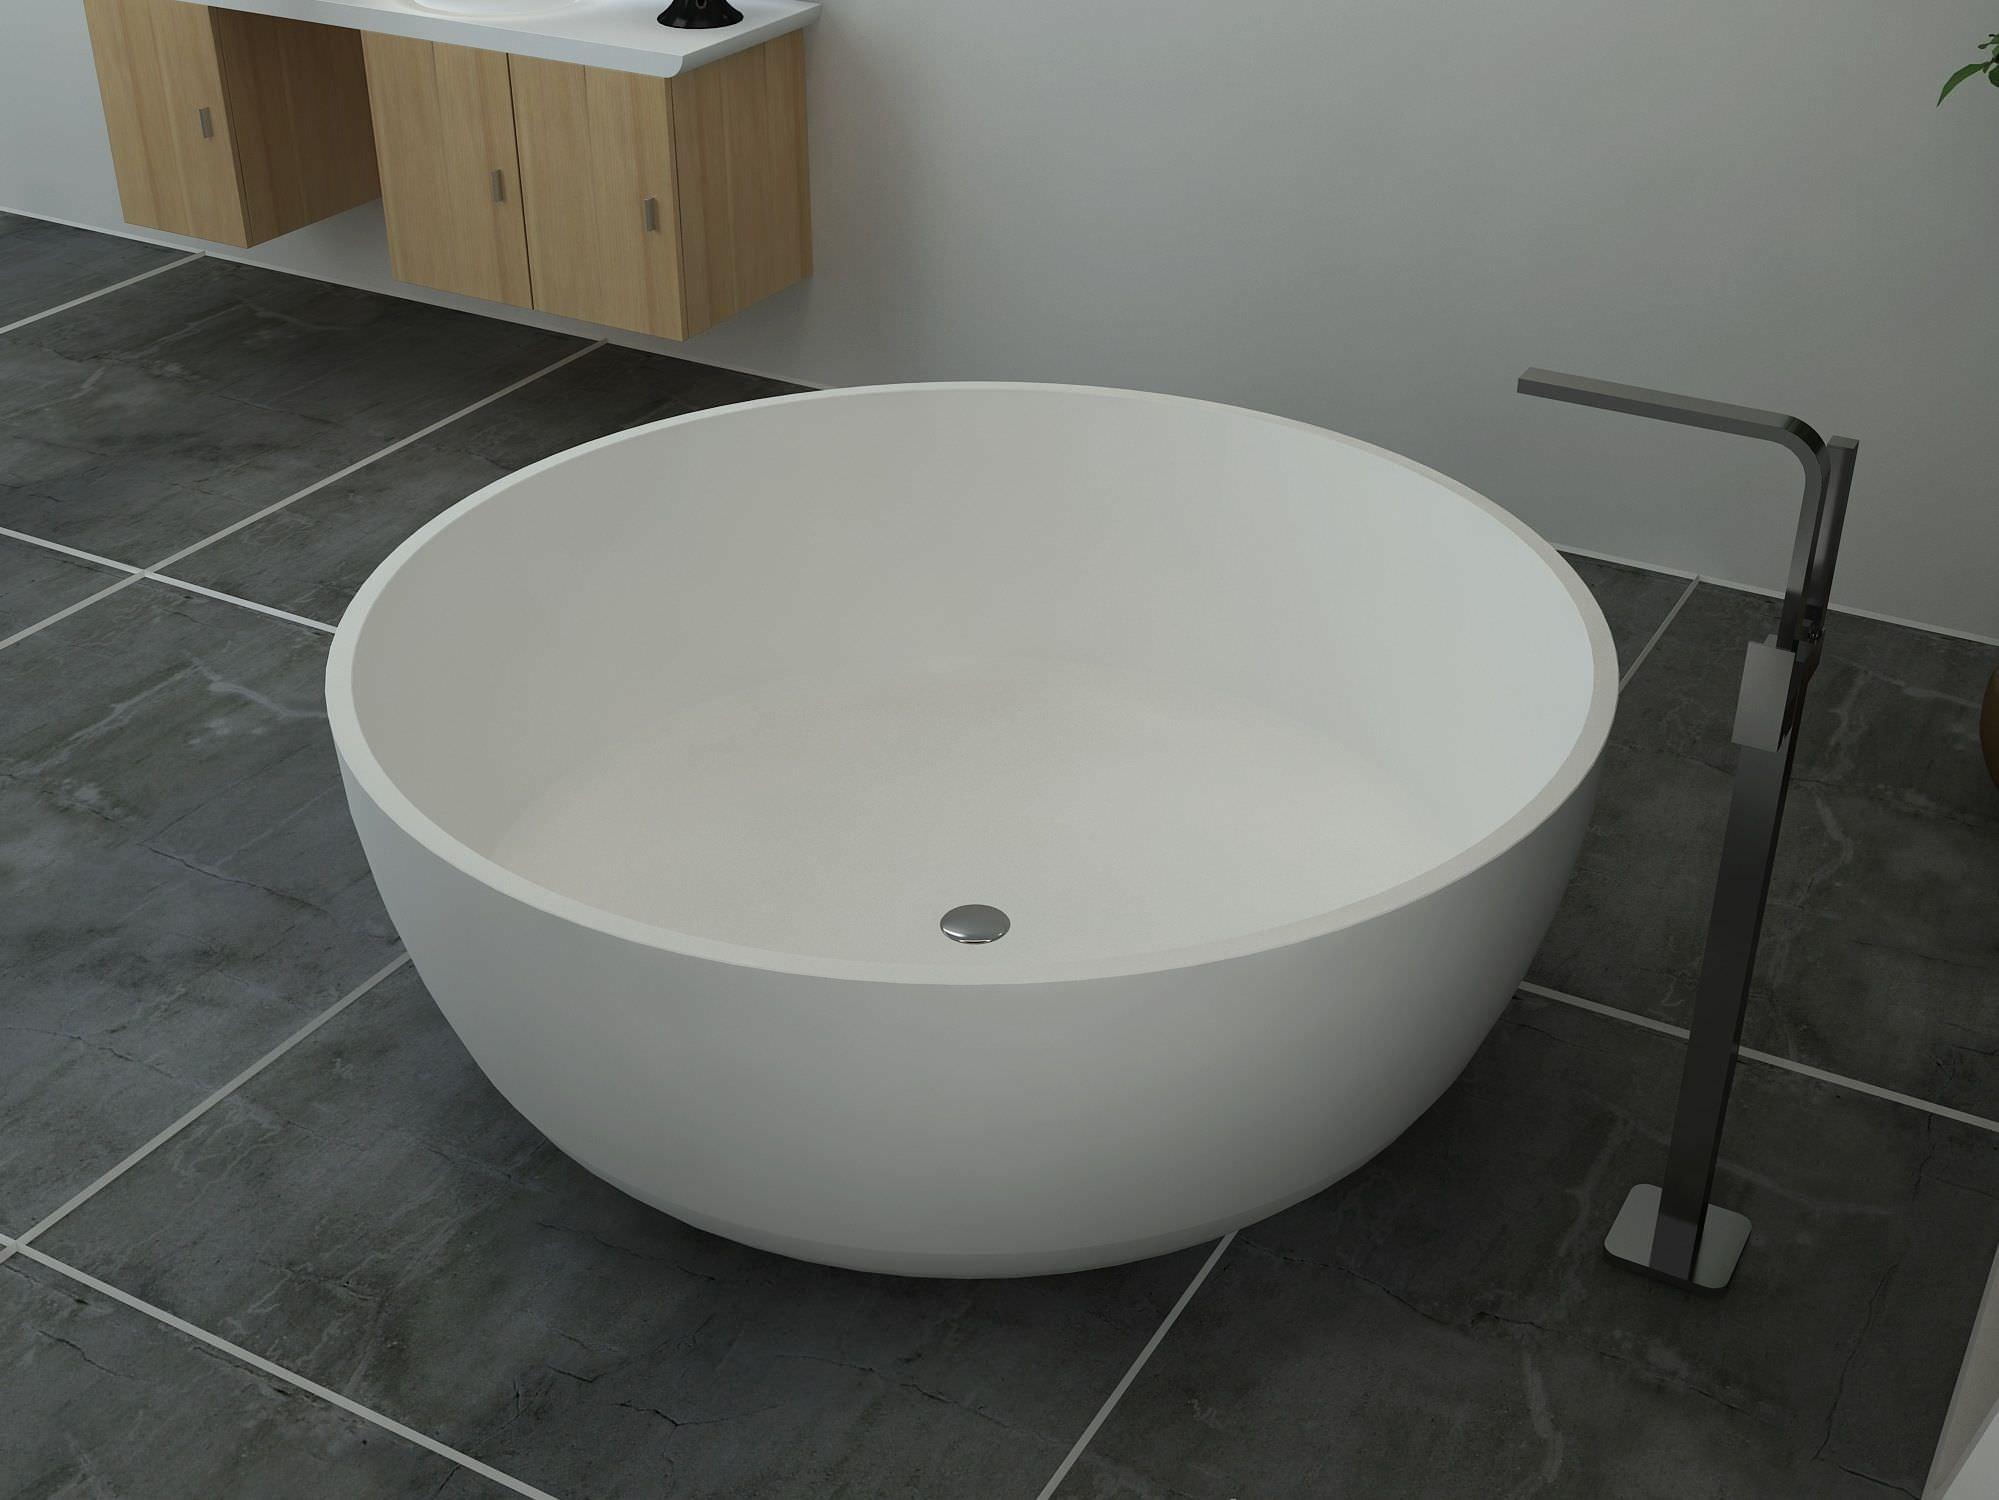 Vasca Da Bagno Tonda : Vasca da bagno da appoggio tonda in solid surface bs s